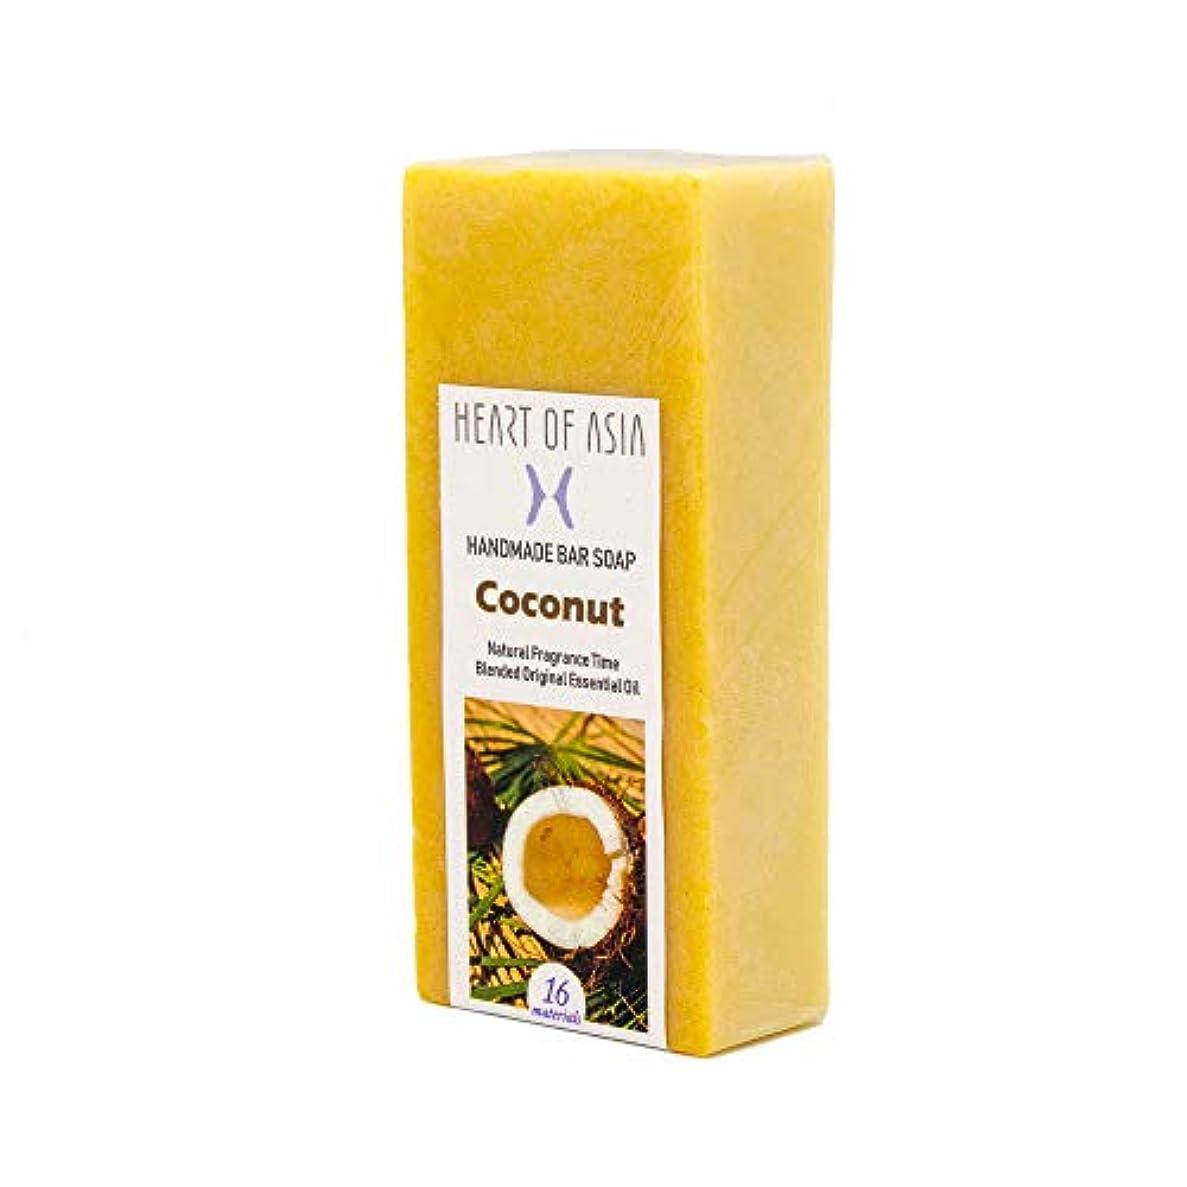 同化文法シャー香水のようなフレグランス石けん HANDMADE BAR SOAP ~Coconut ~ (単品)